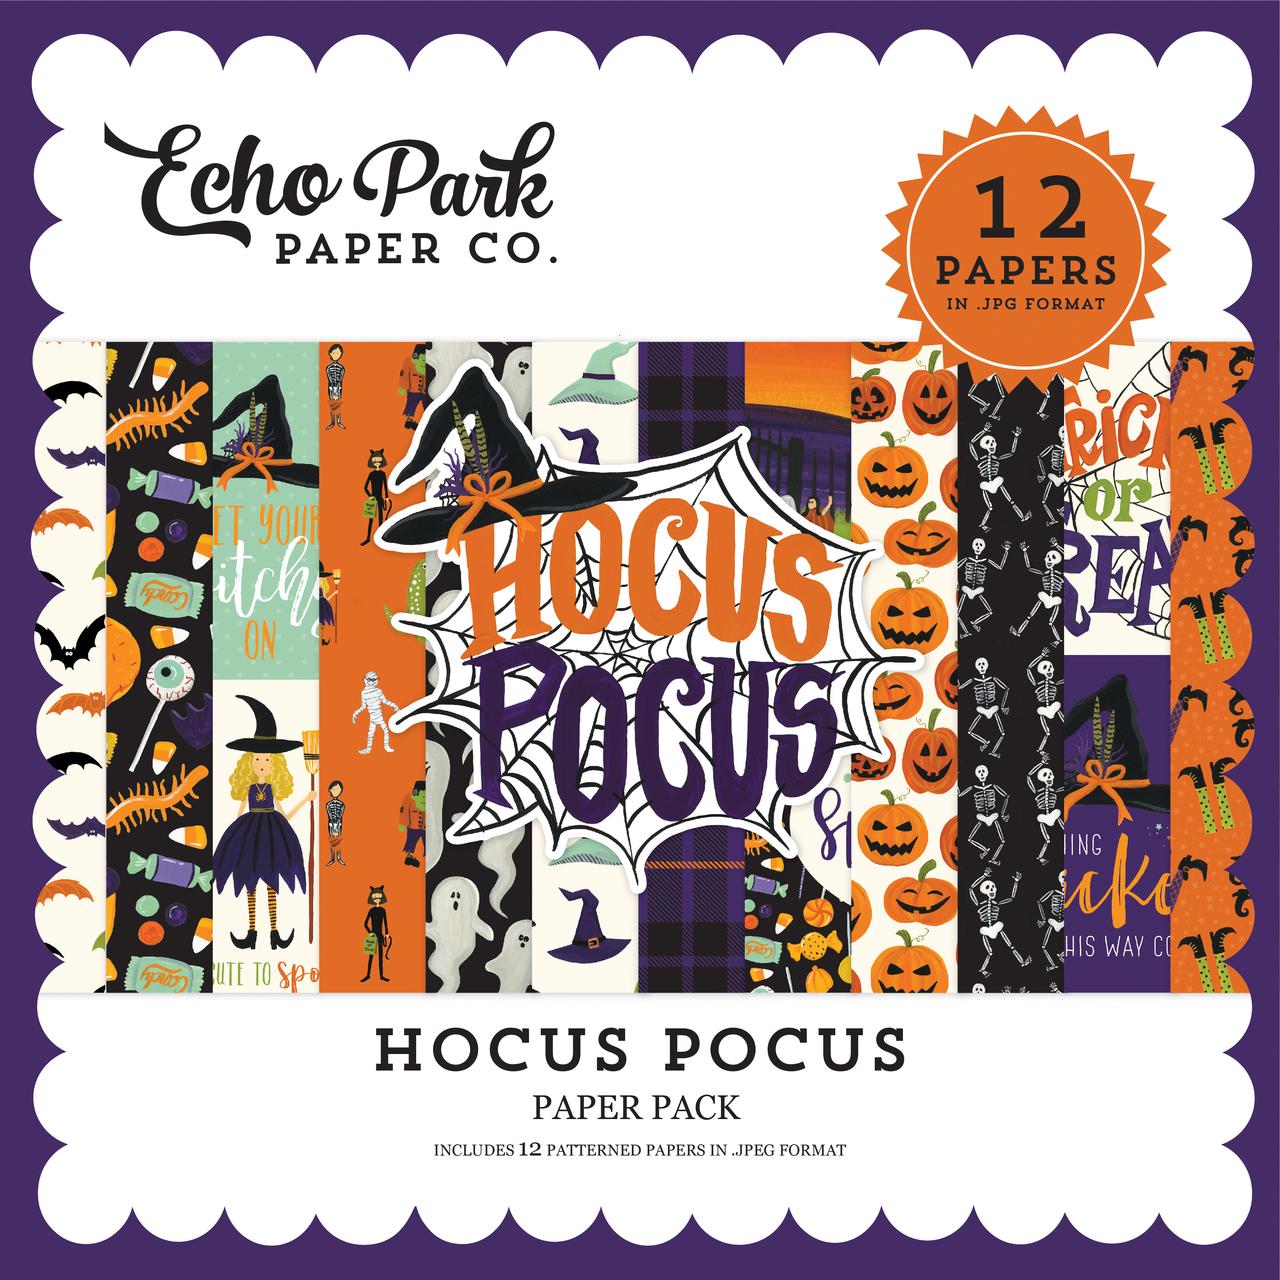 Hocus Pocus Paper Pack